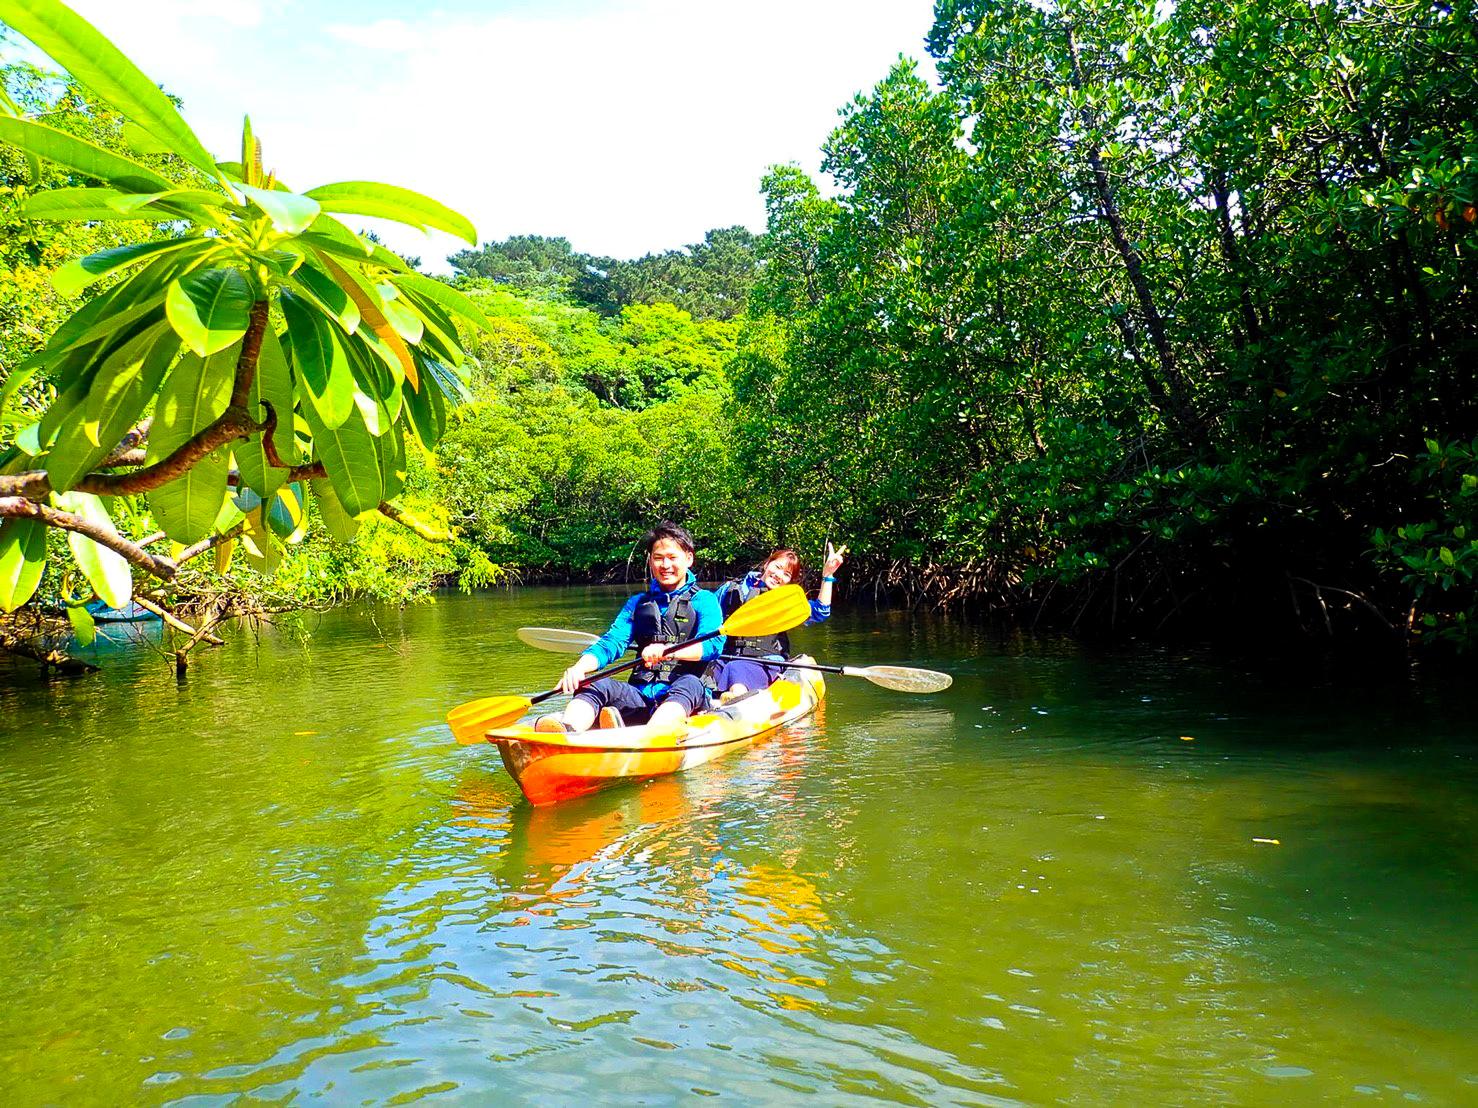 大自然の中をカヌーで楽しむカップル